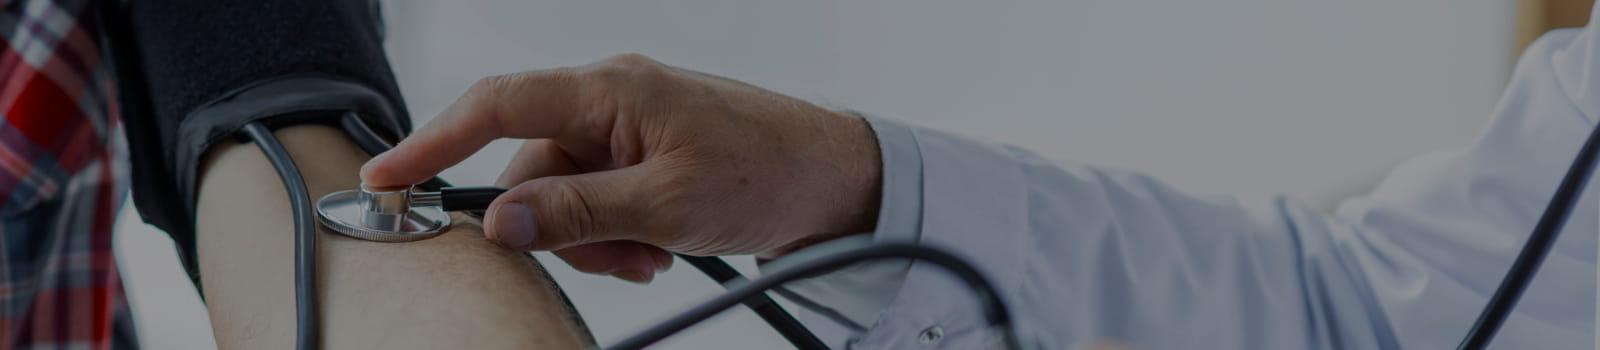 Médico avaliando um funcionário no ambulatório.